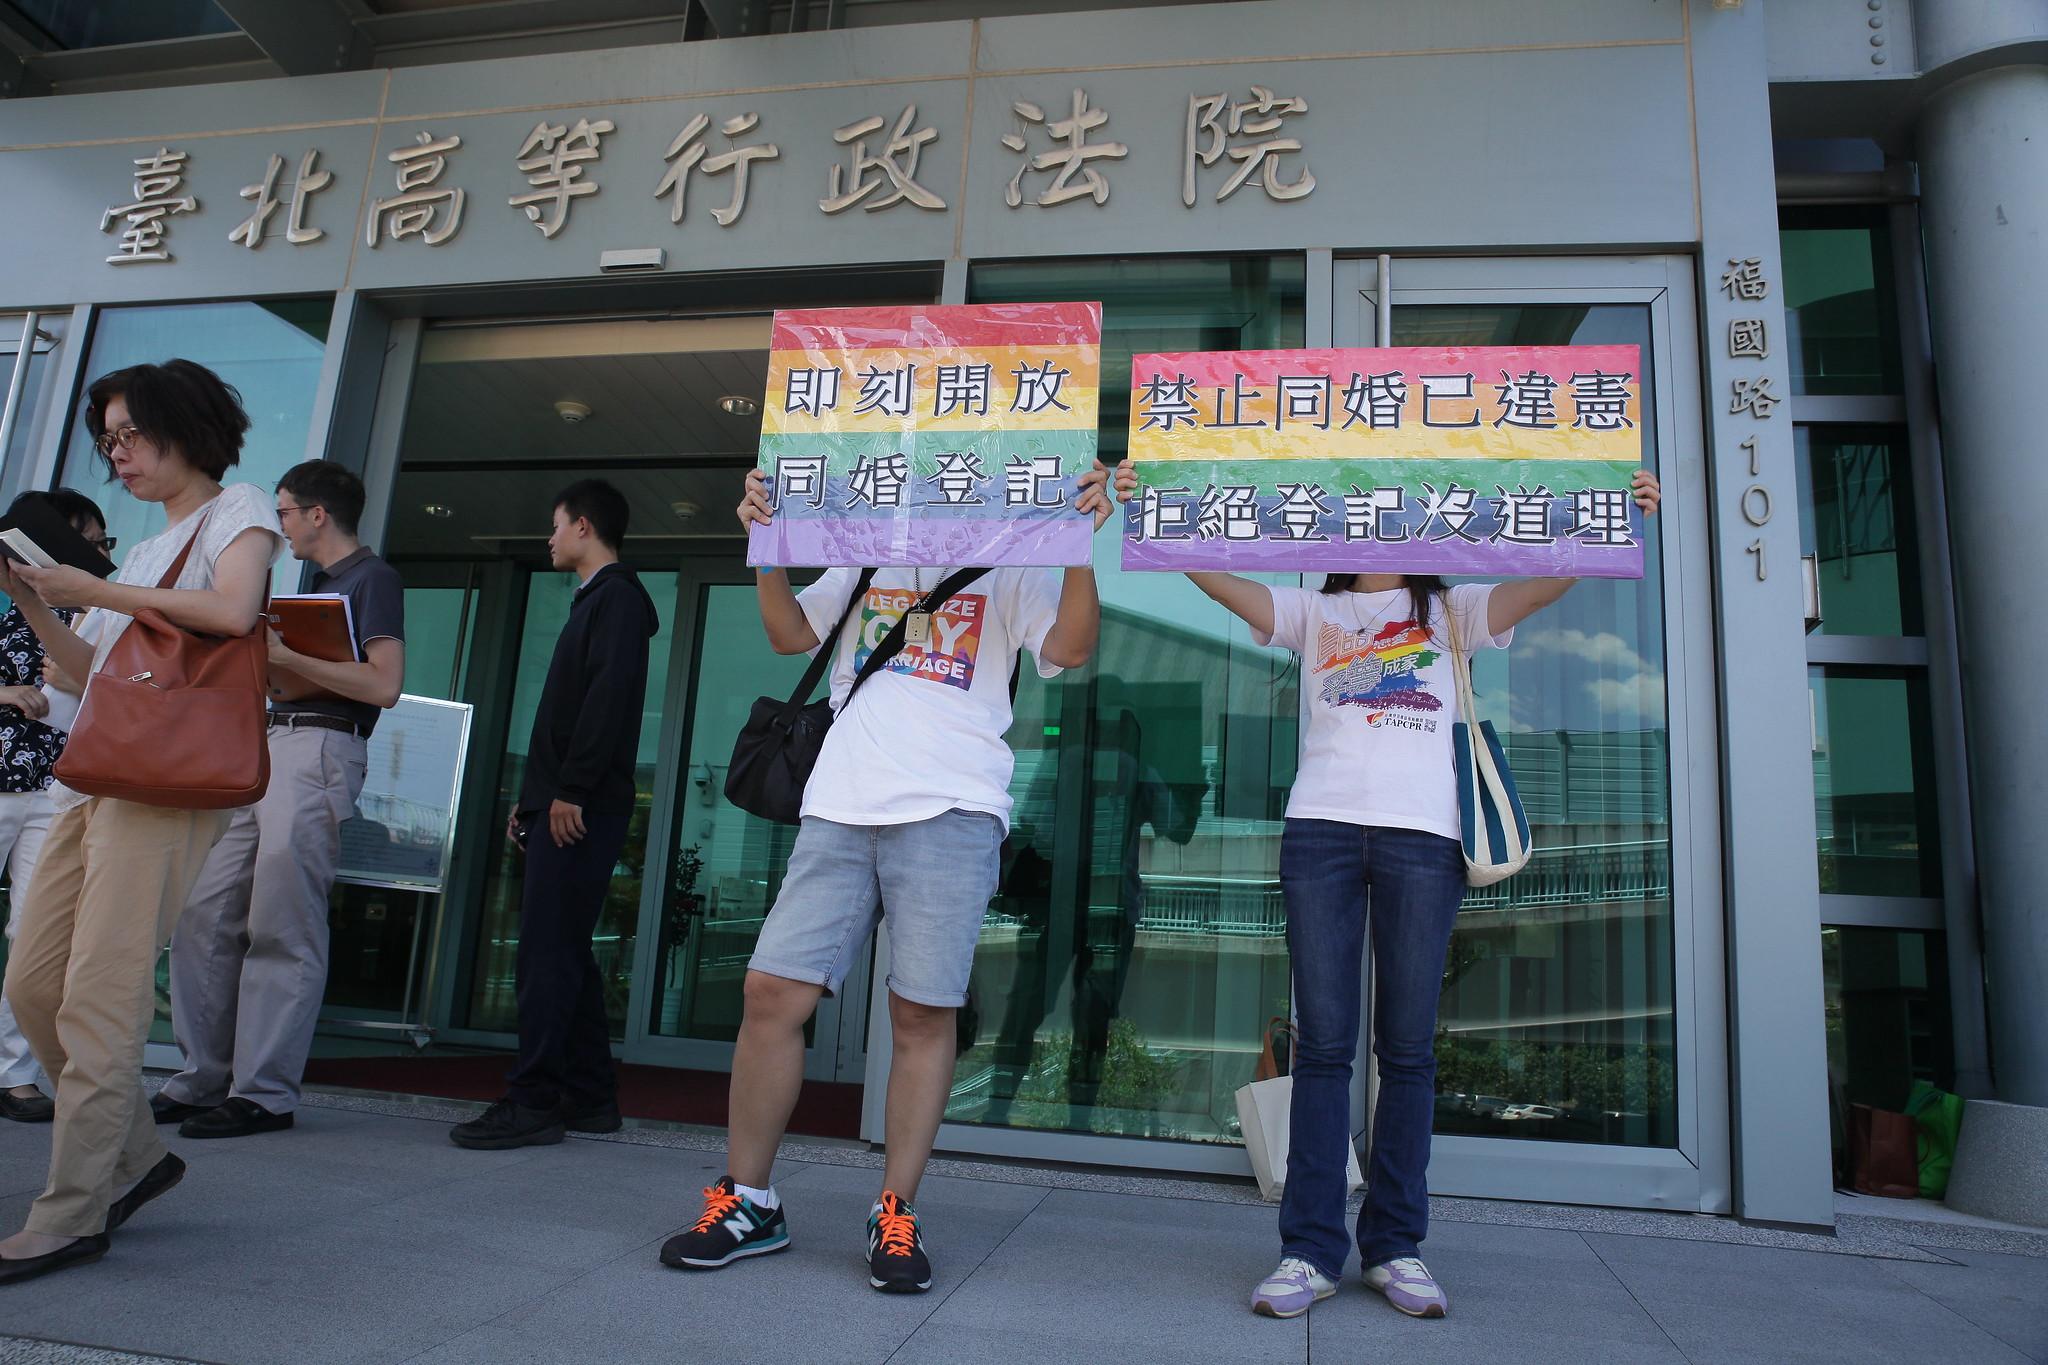 支持同婚的民眾8月9日前在法院前舉牌。(攝影:陳逸婷)